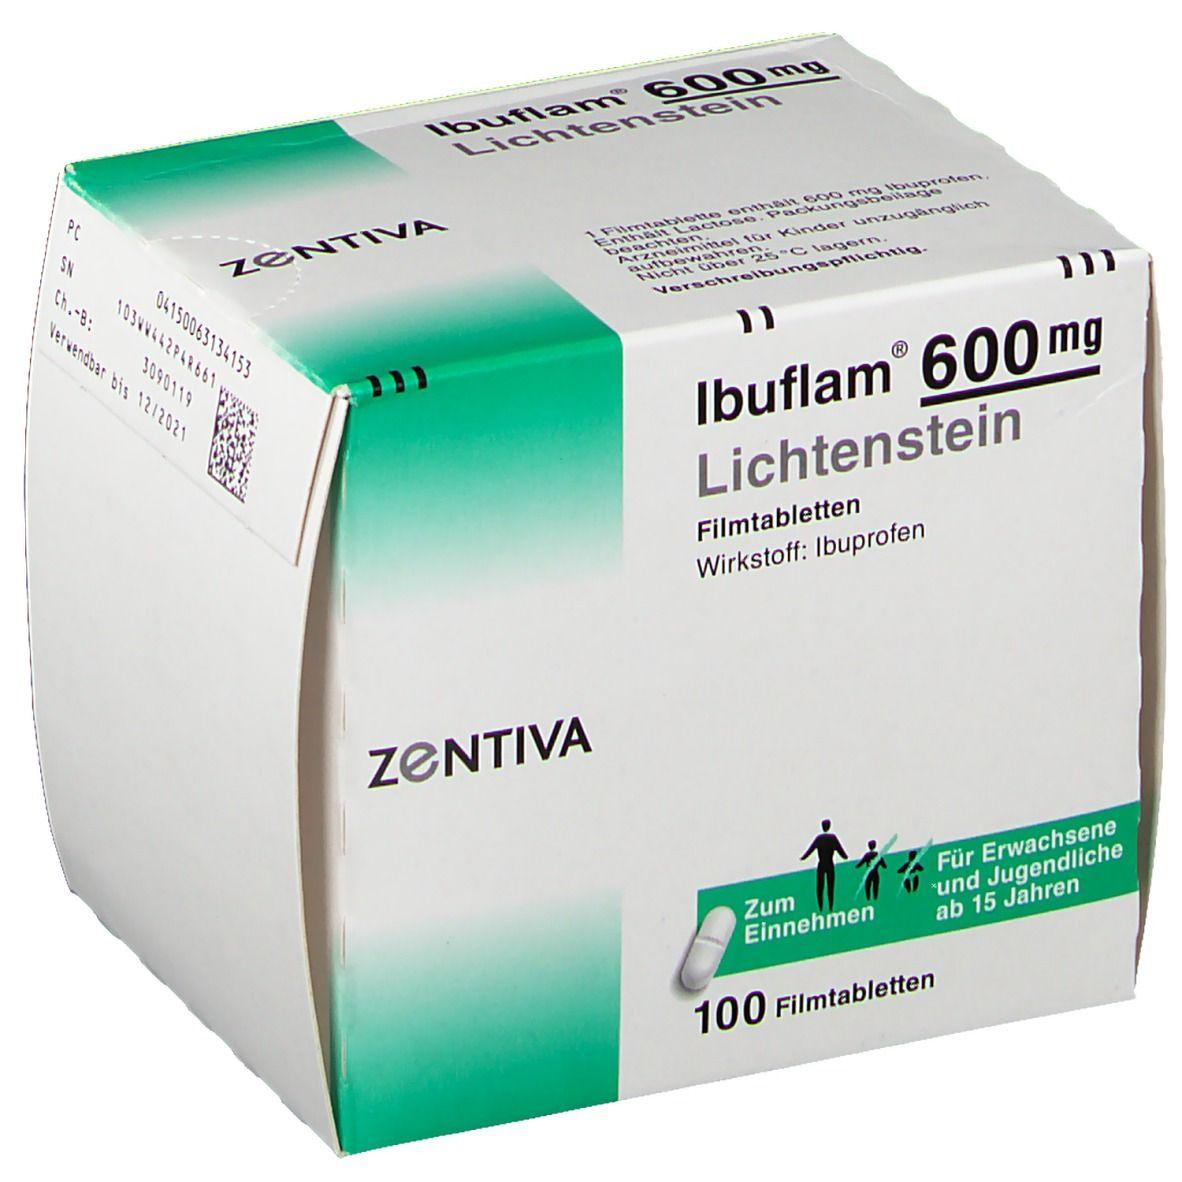 Ibuflam® 600 Lichtenstein Filmtabletten 100 St - shop